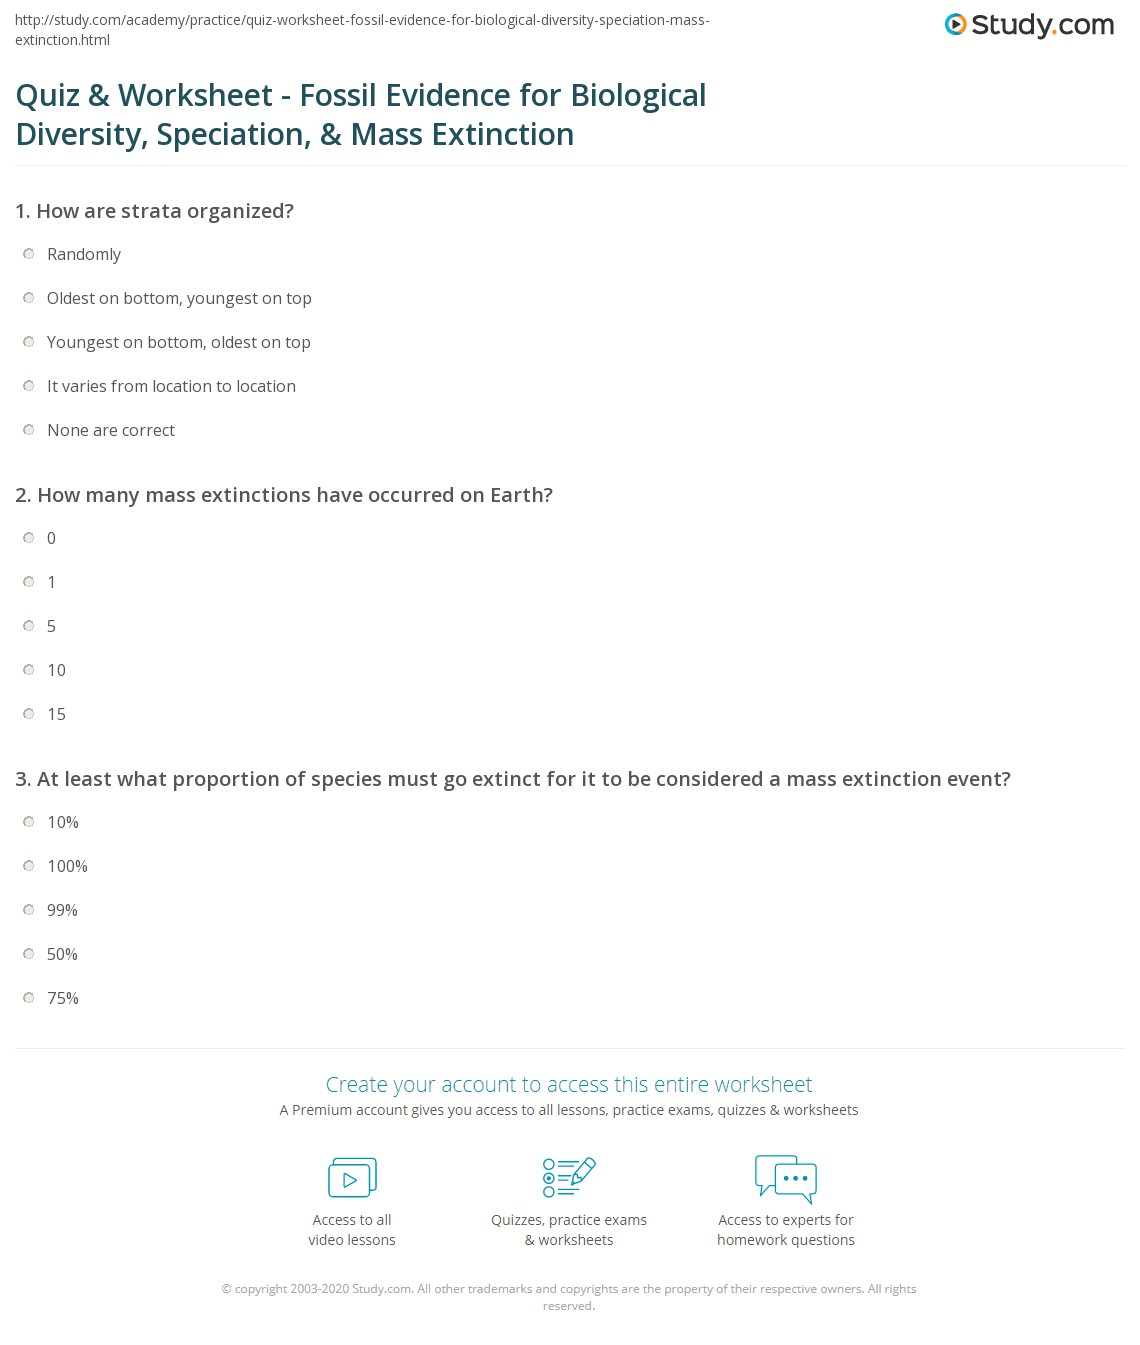 Quiz Worksheet Fossil Evidence For Biological Diversity